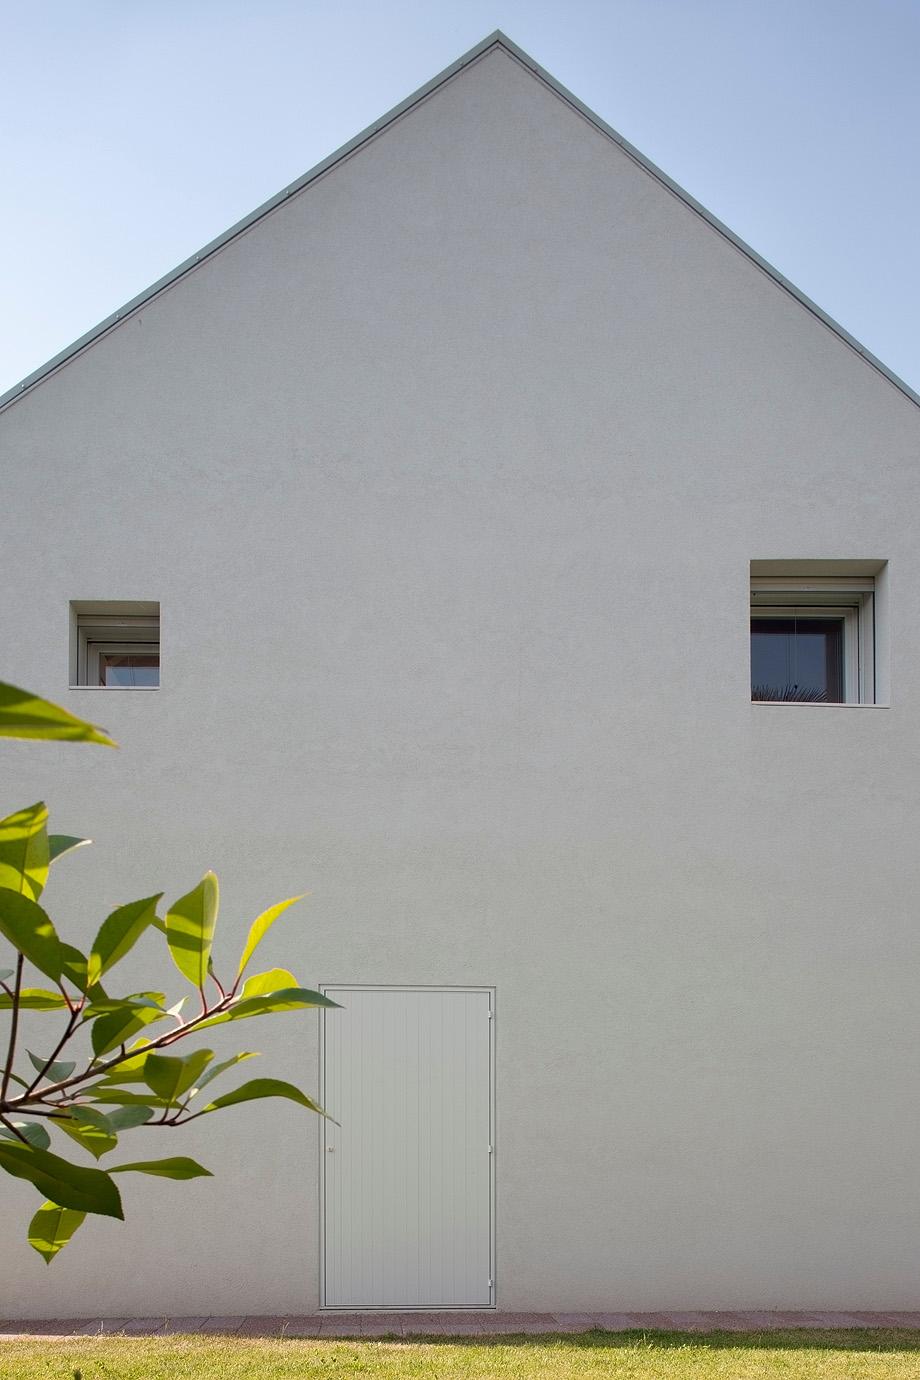 casa en pordenone de corde architetti associati - alessandra bello (15)